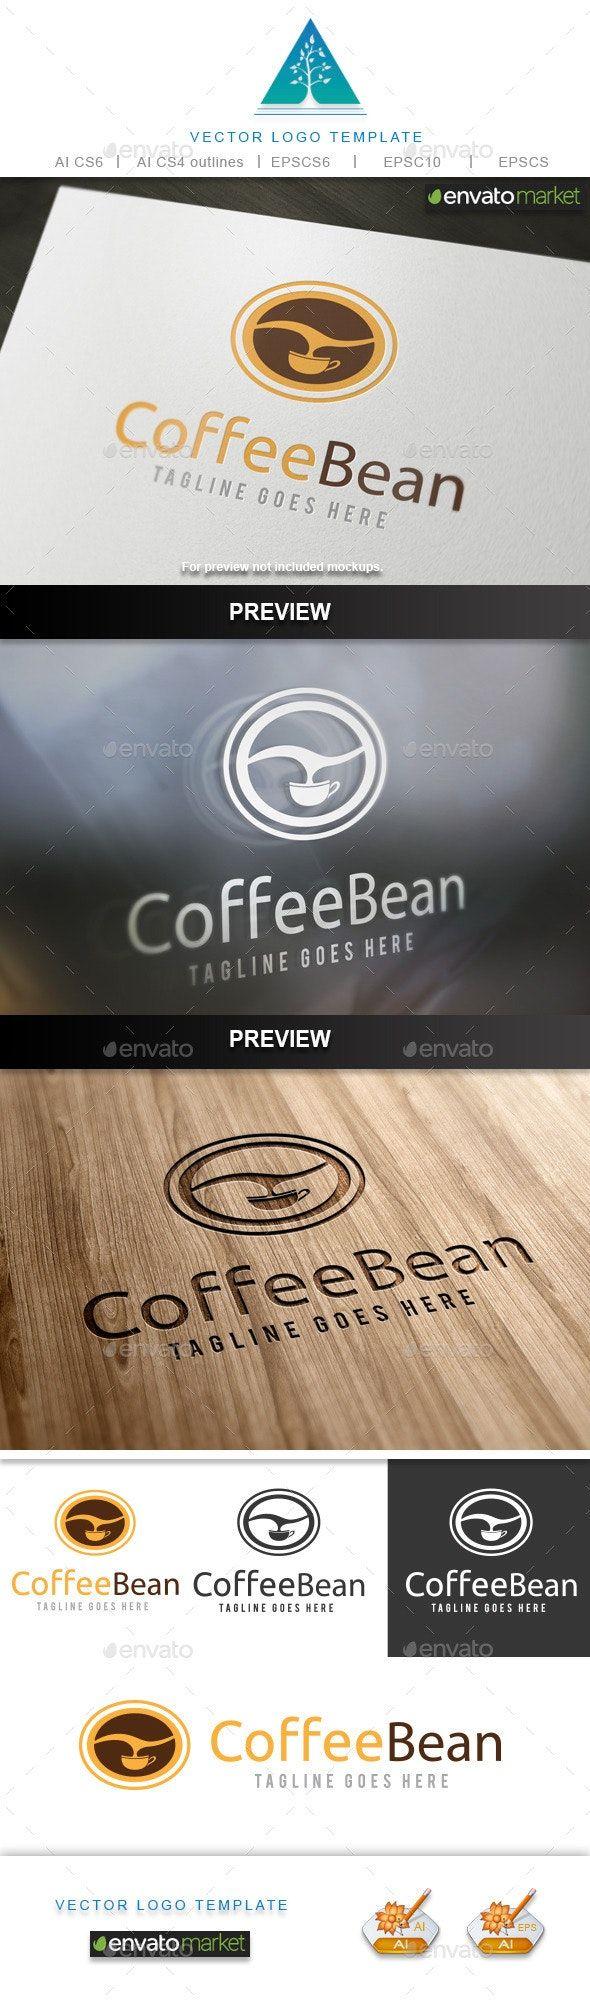 Coffee Bean AD Coffee, sponsored, Bean Coffee beans